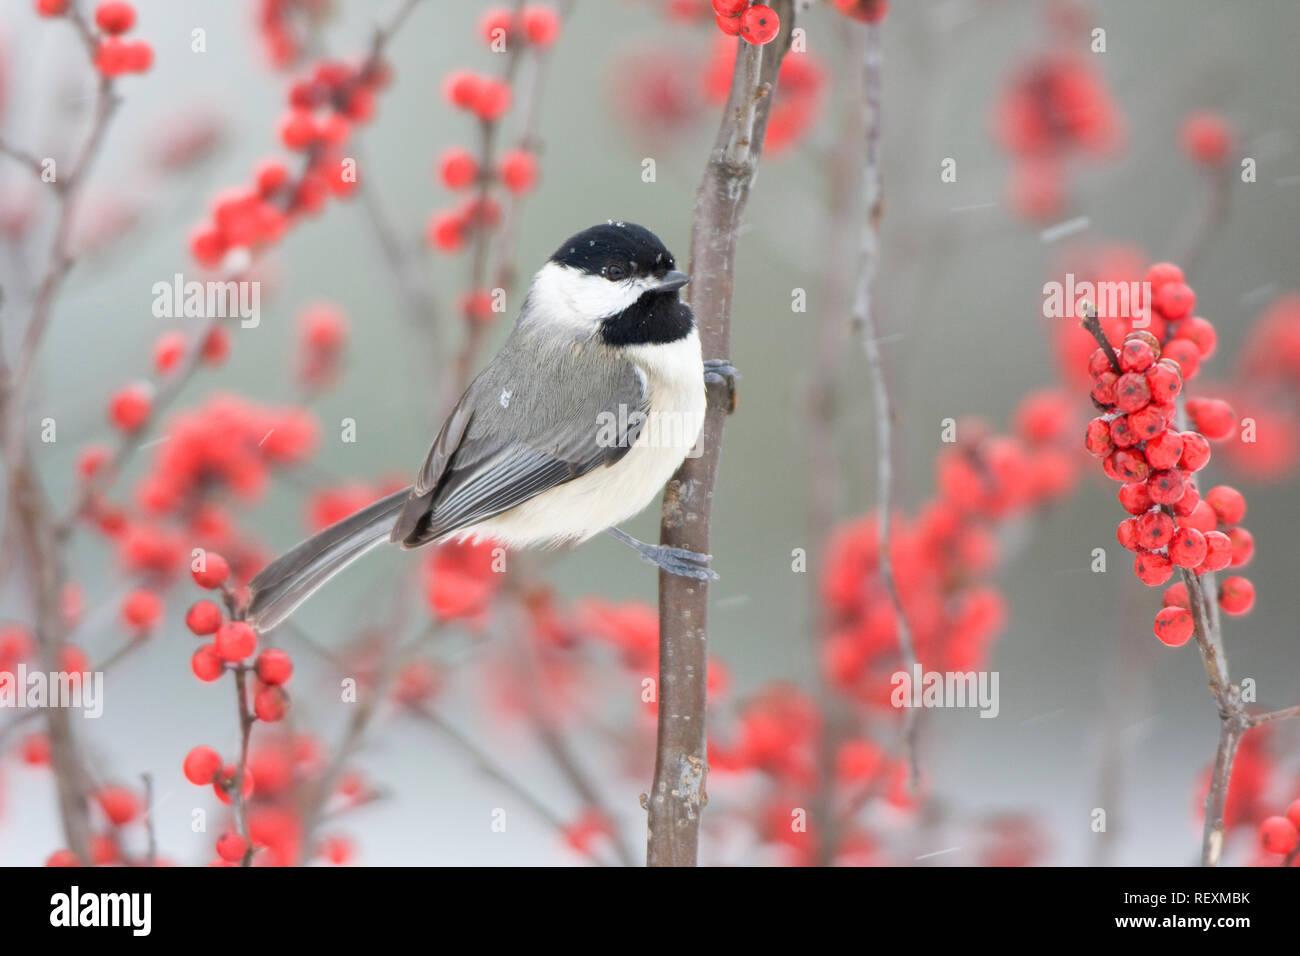 01299-032.02 Carolina Chickadee (Poecile carolinensis) in Common Winterberry (Ilex verticillata) in winter, Marion Co. IL - Stock Image